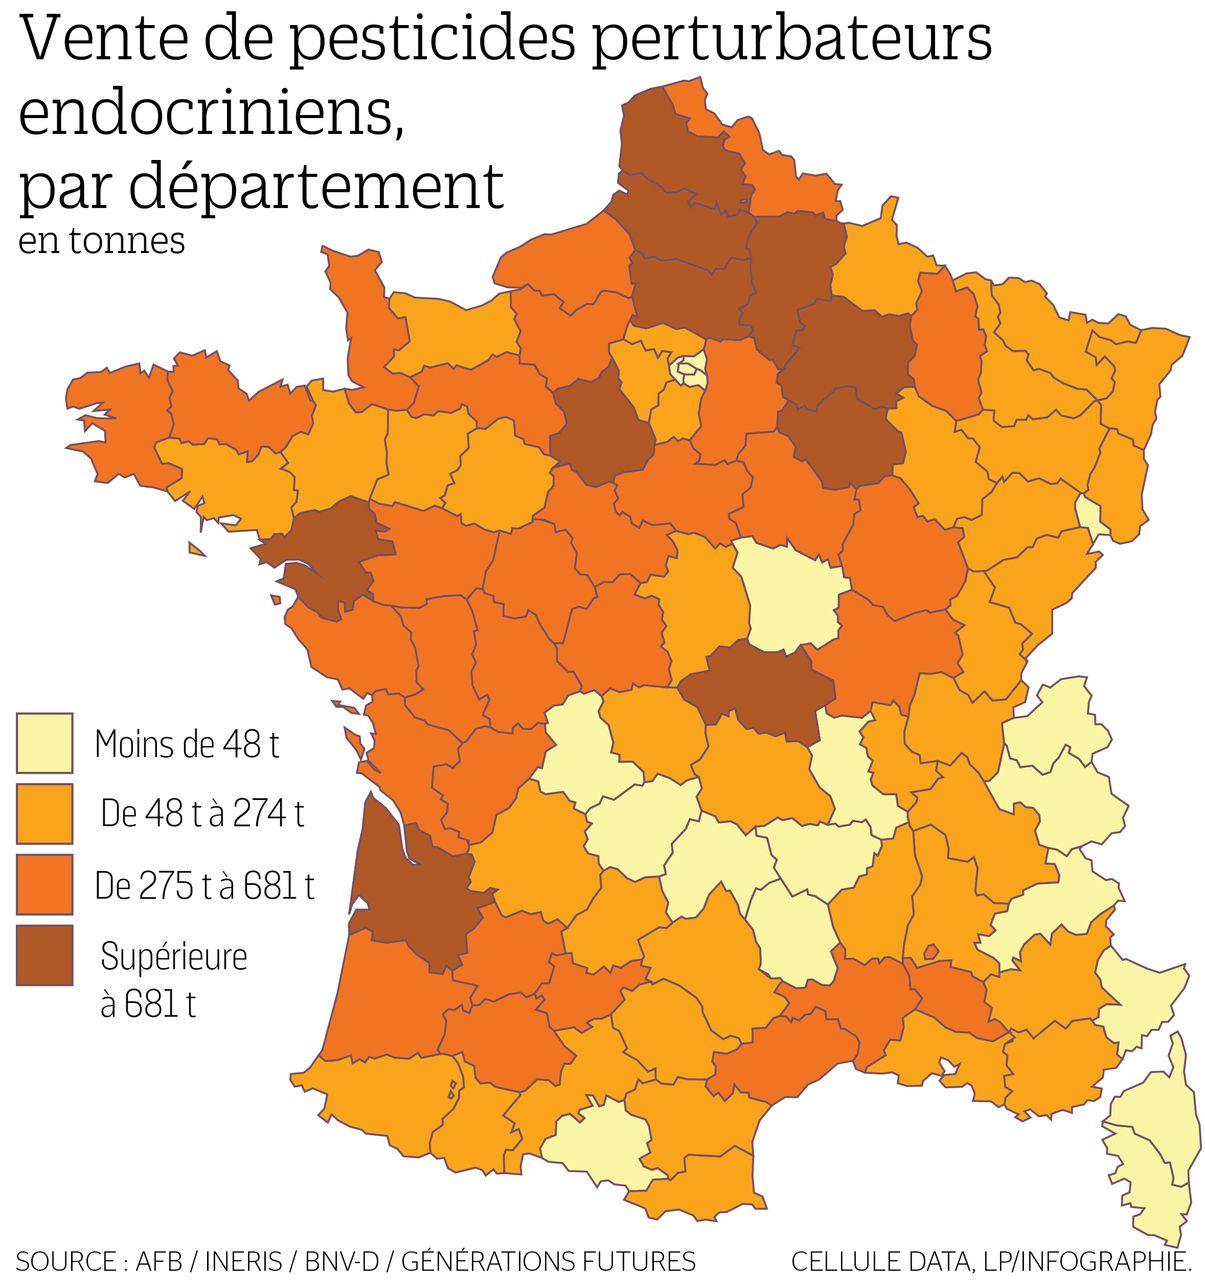 La Carte De France Des Départements Les Plus Consommateurs tout Plan De France Avec Departement